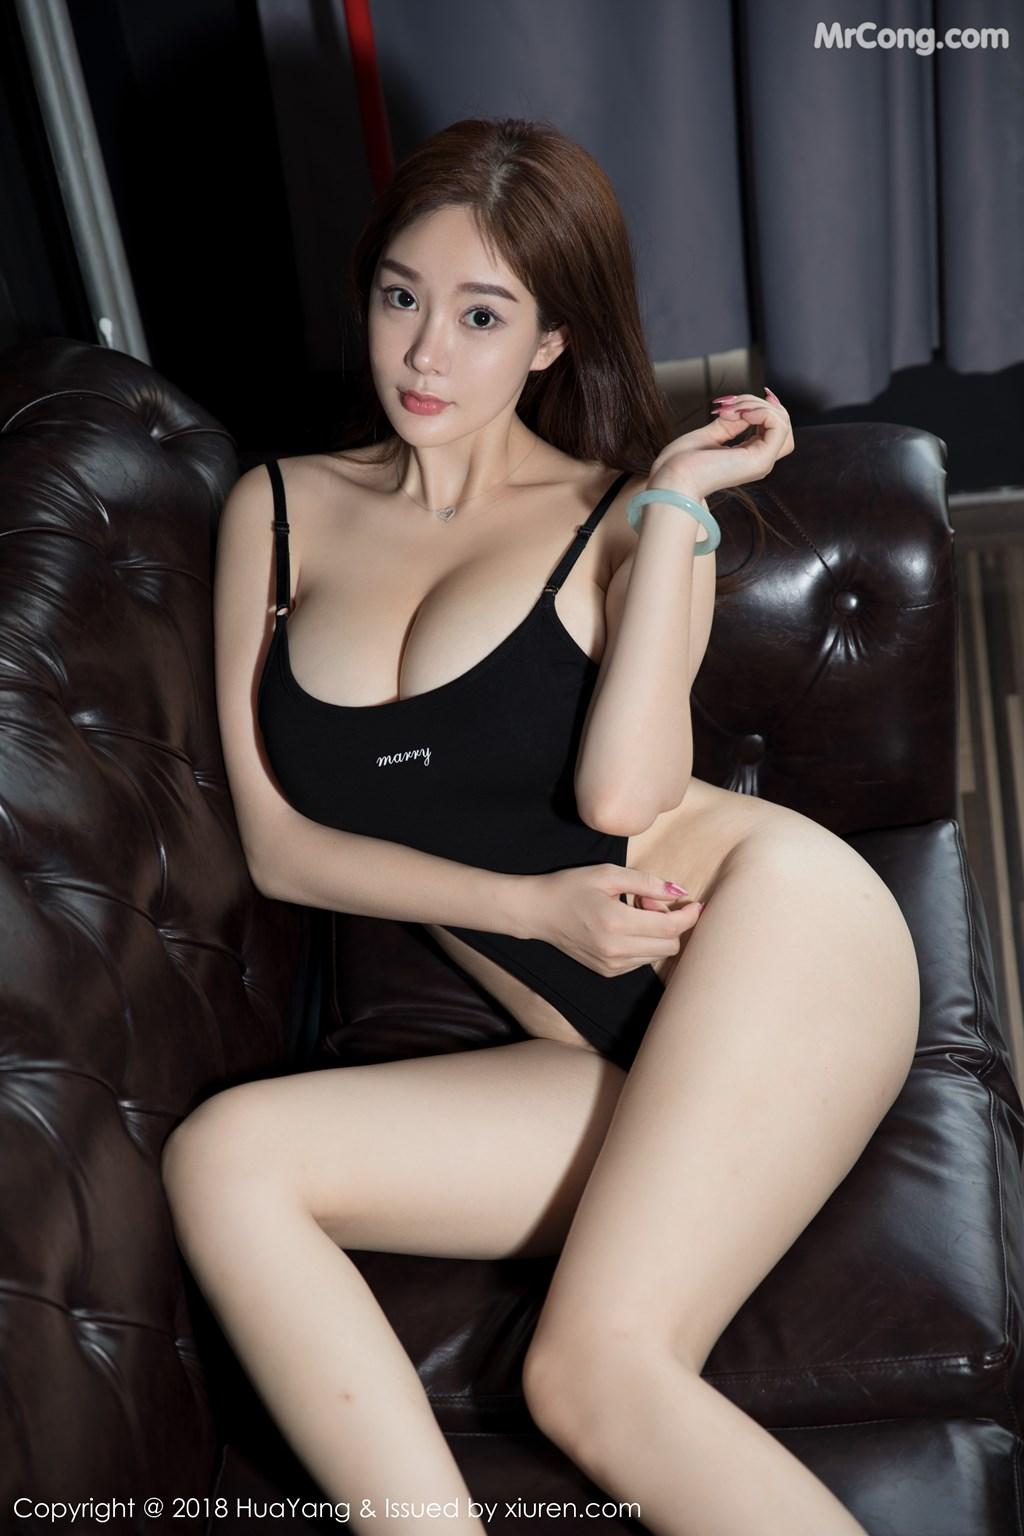 Image HuaYang-2018-08-09-Vol.068-Silvia-MrCong.com-006 in post HuaYang 2018-08-09 Vol.068: Người mẫu 易阳Silvia (41 ảnh)